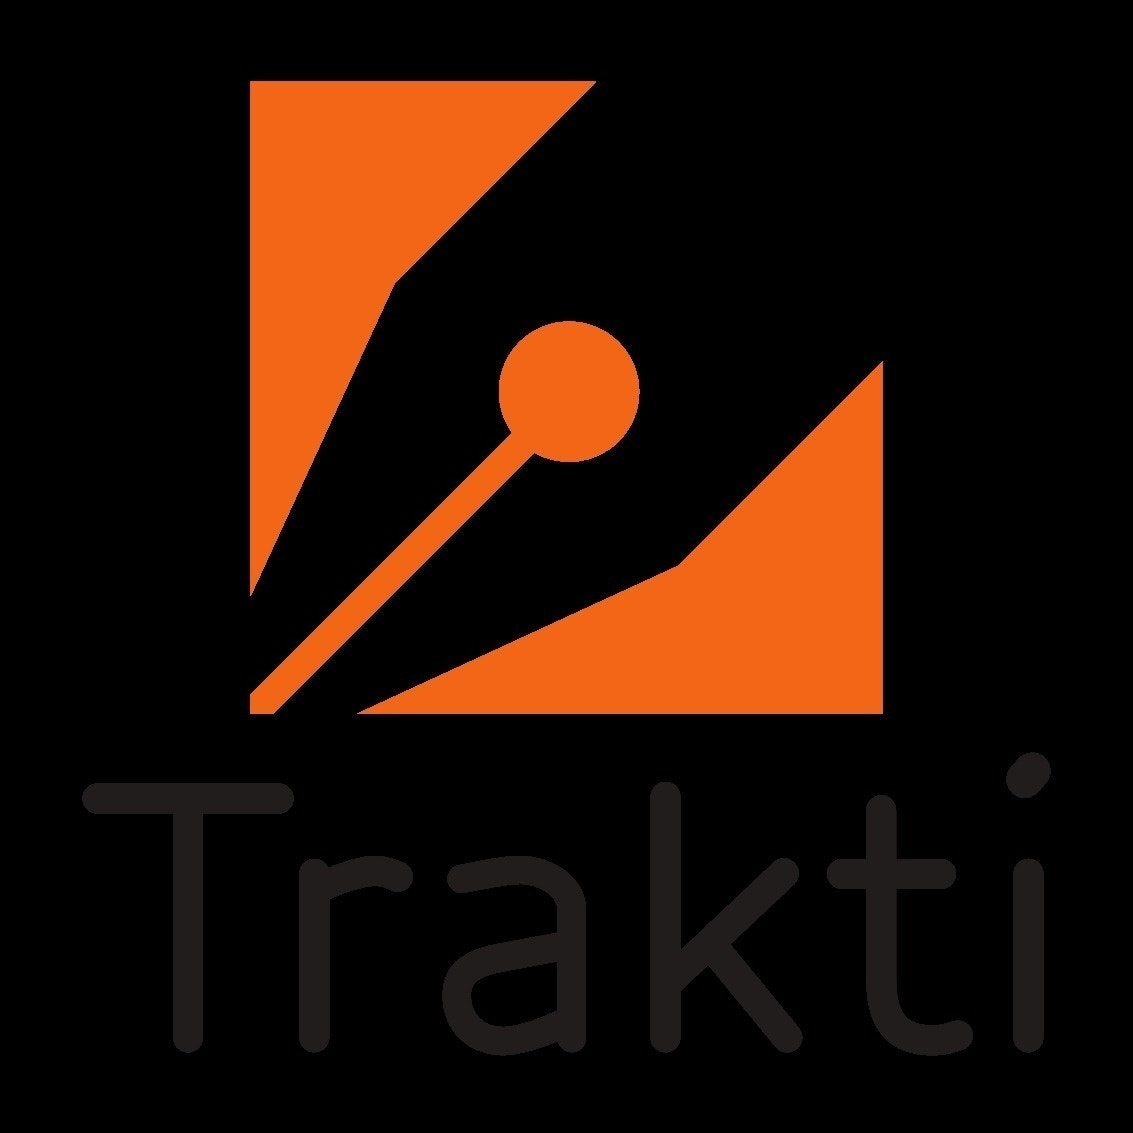 trakti.com